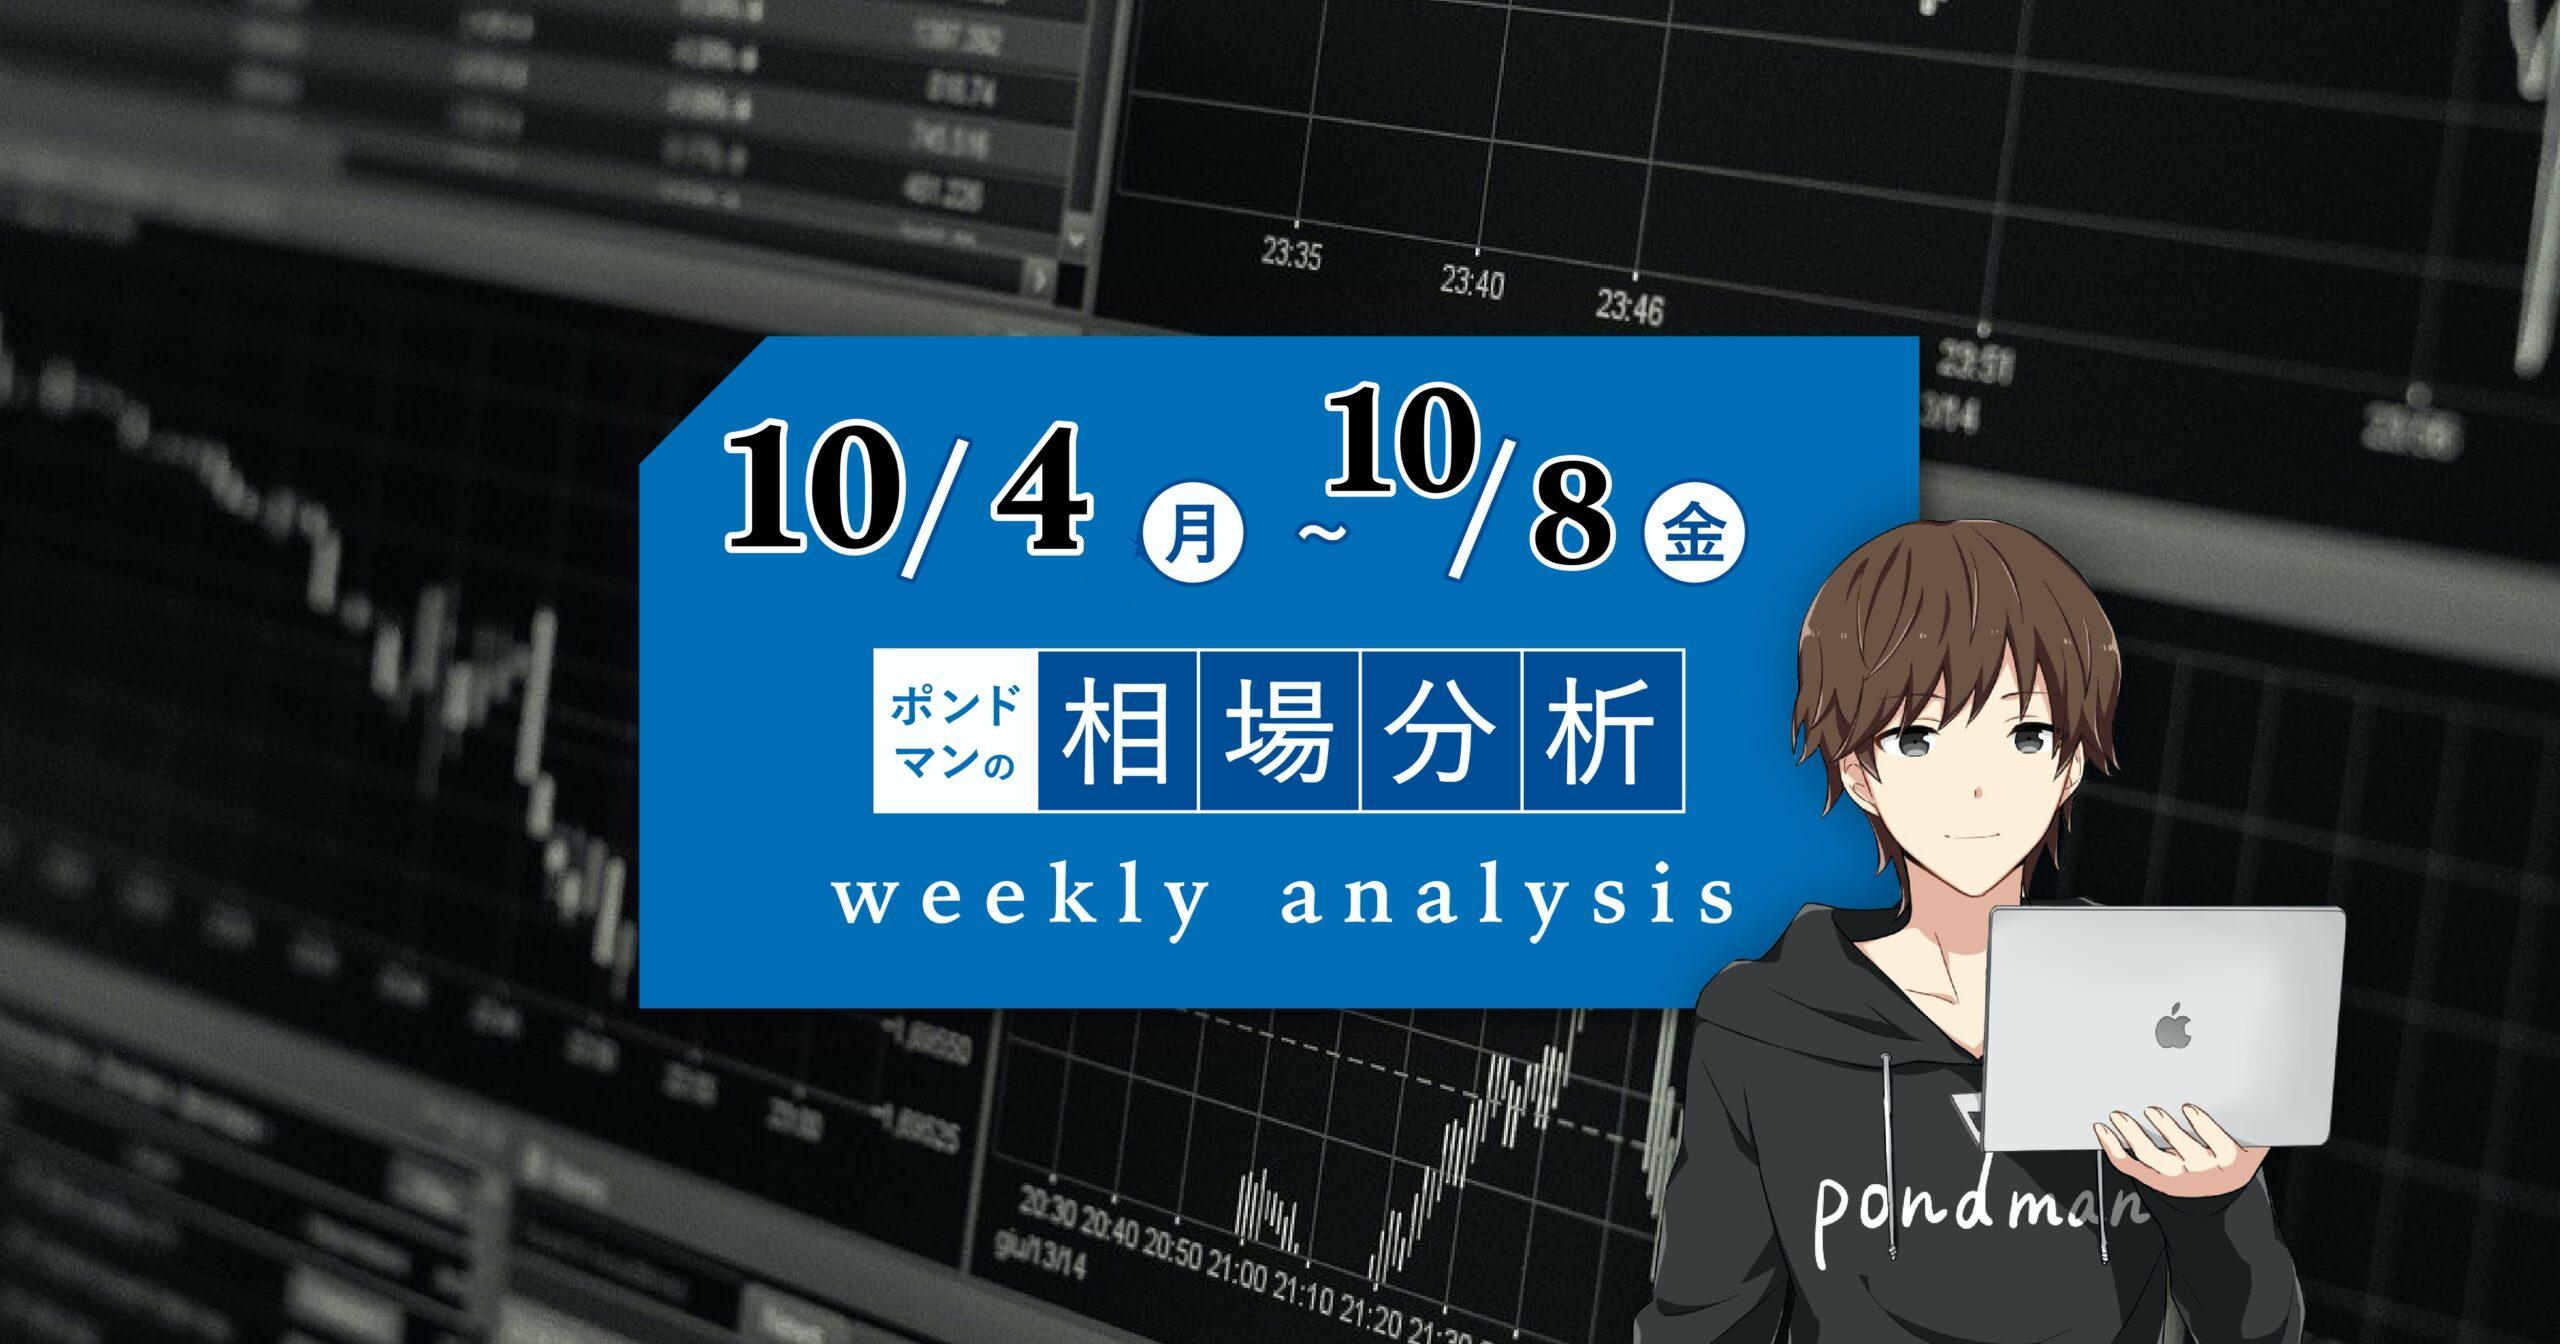 【週間分析】雇用統計週!債務上限問題や中国リスクの総まとめ!!